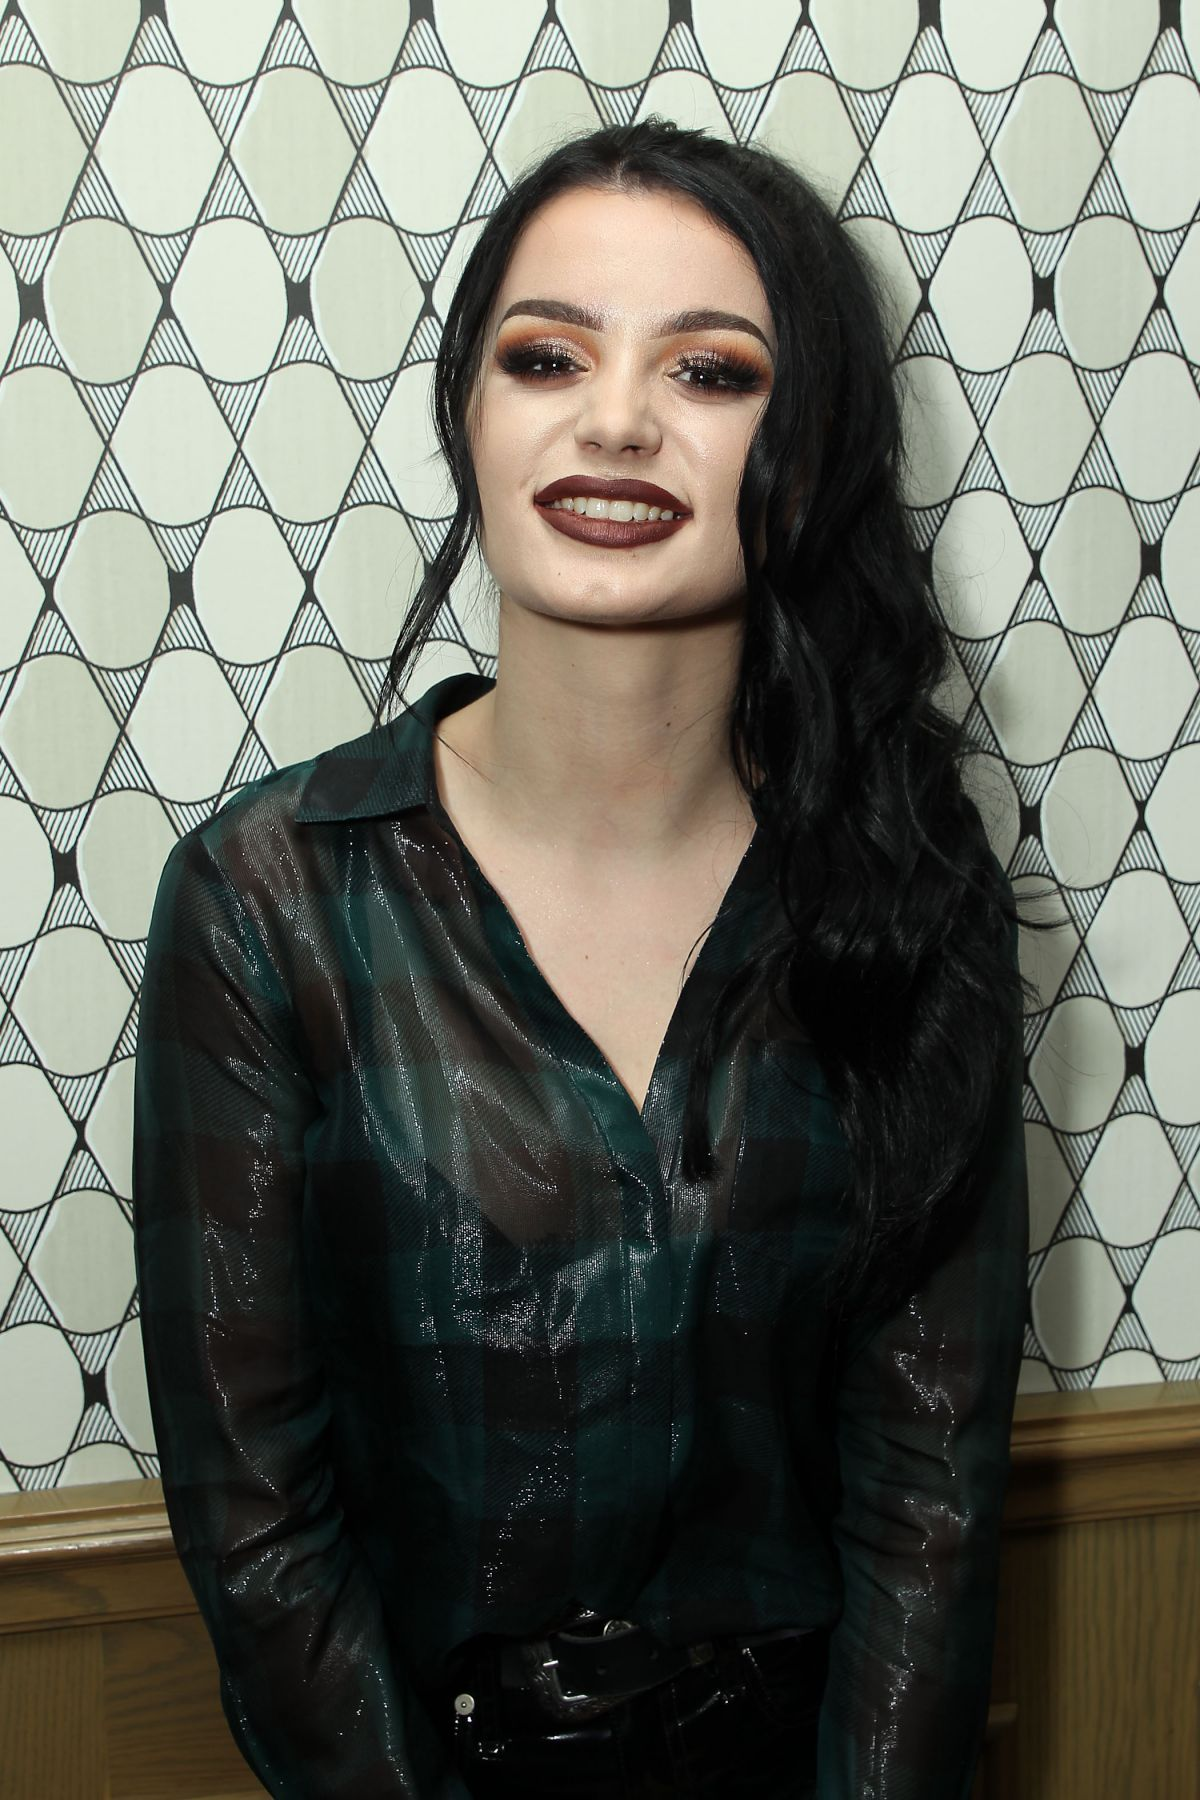 Saraya Jade Bevis